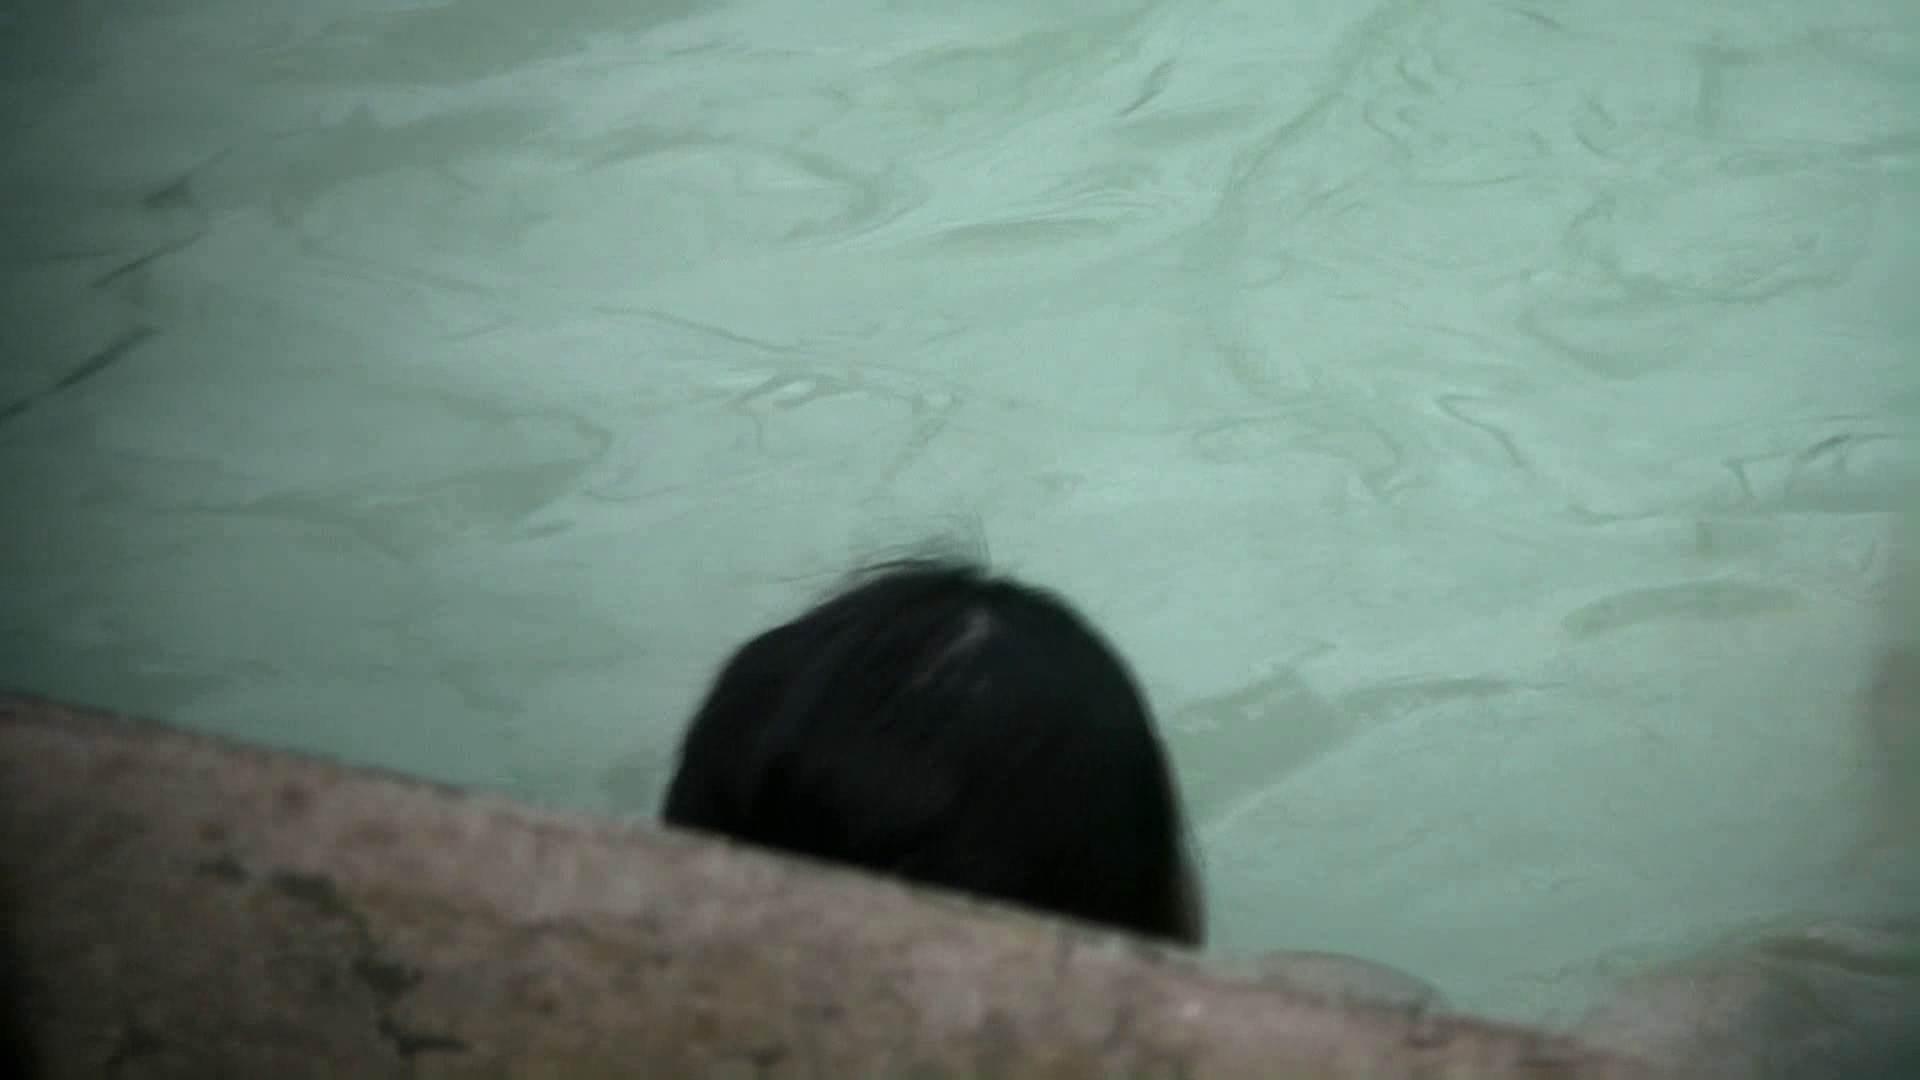 Aquaな露天風呂Vol.656 OL  49pic 13